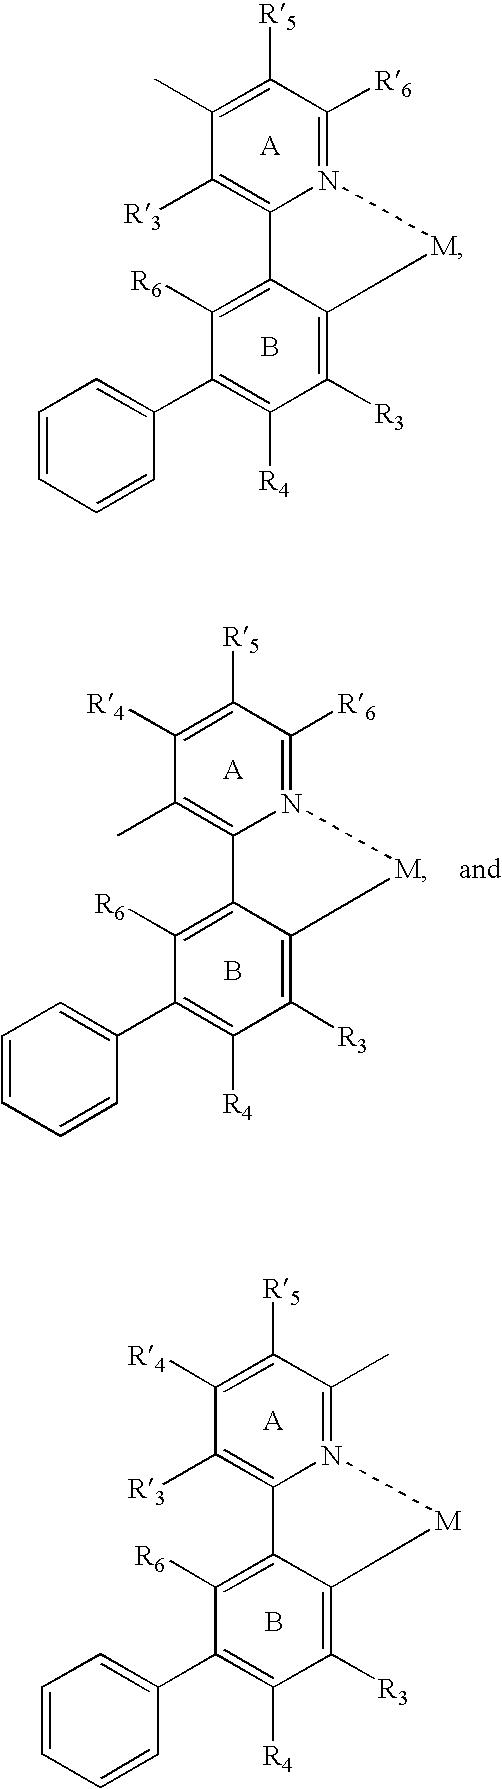 Figure US20070003789A1-20070104-C00044